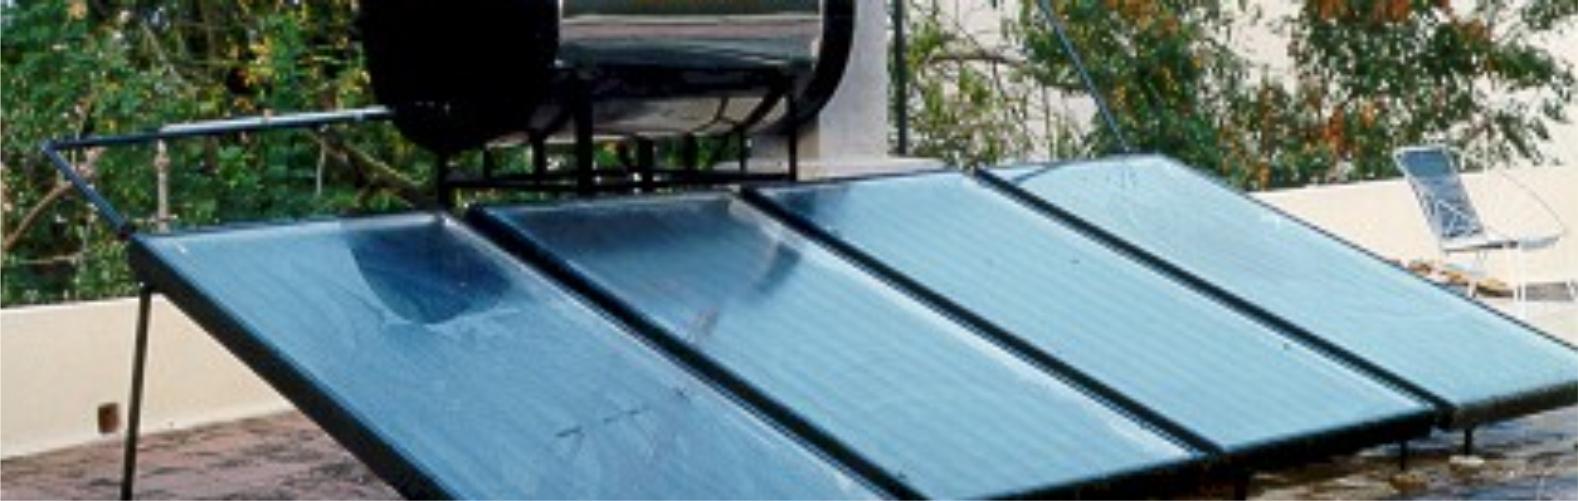 pannelli solari carrara